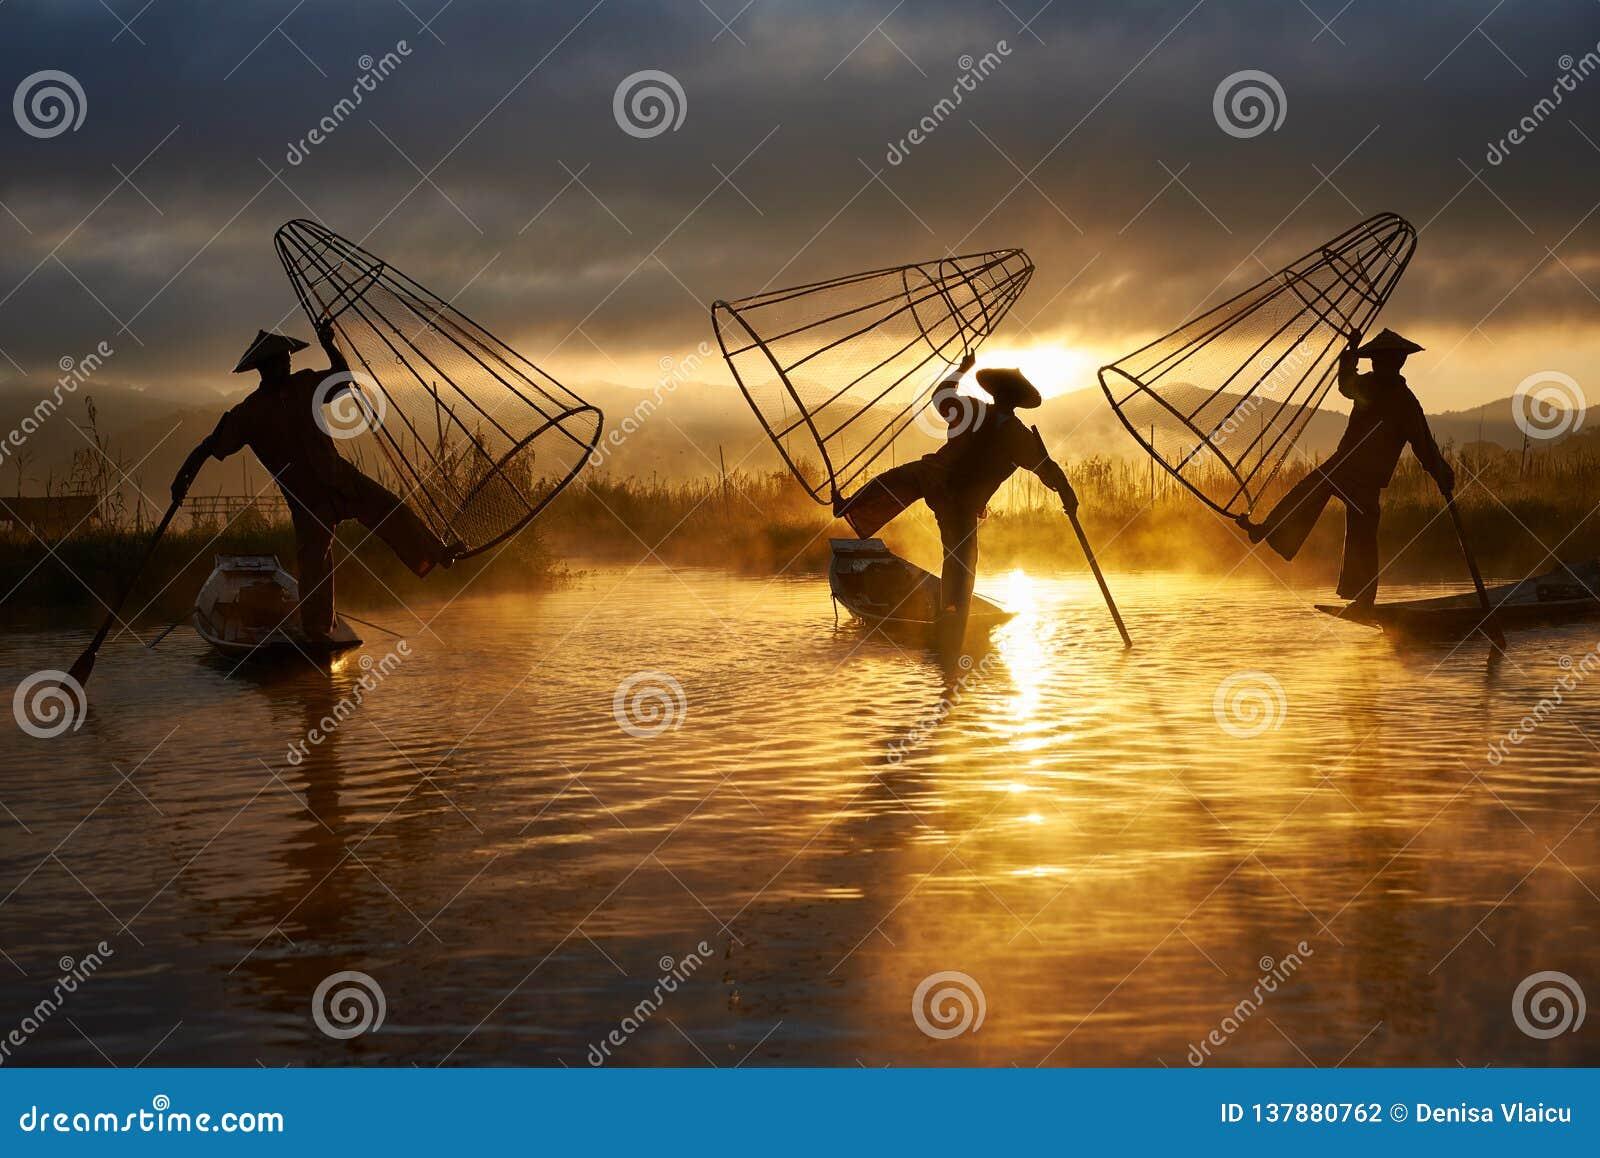 Schattenbilder von drei Fischern auf Inle See Myanmar